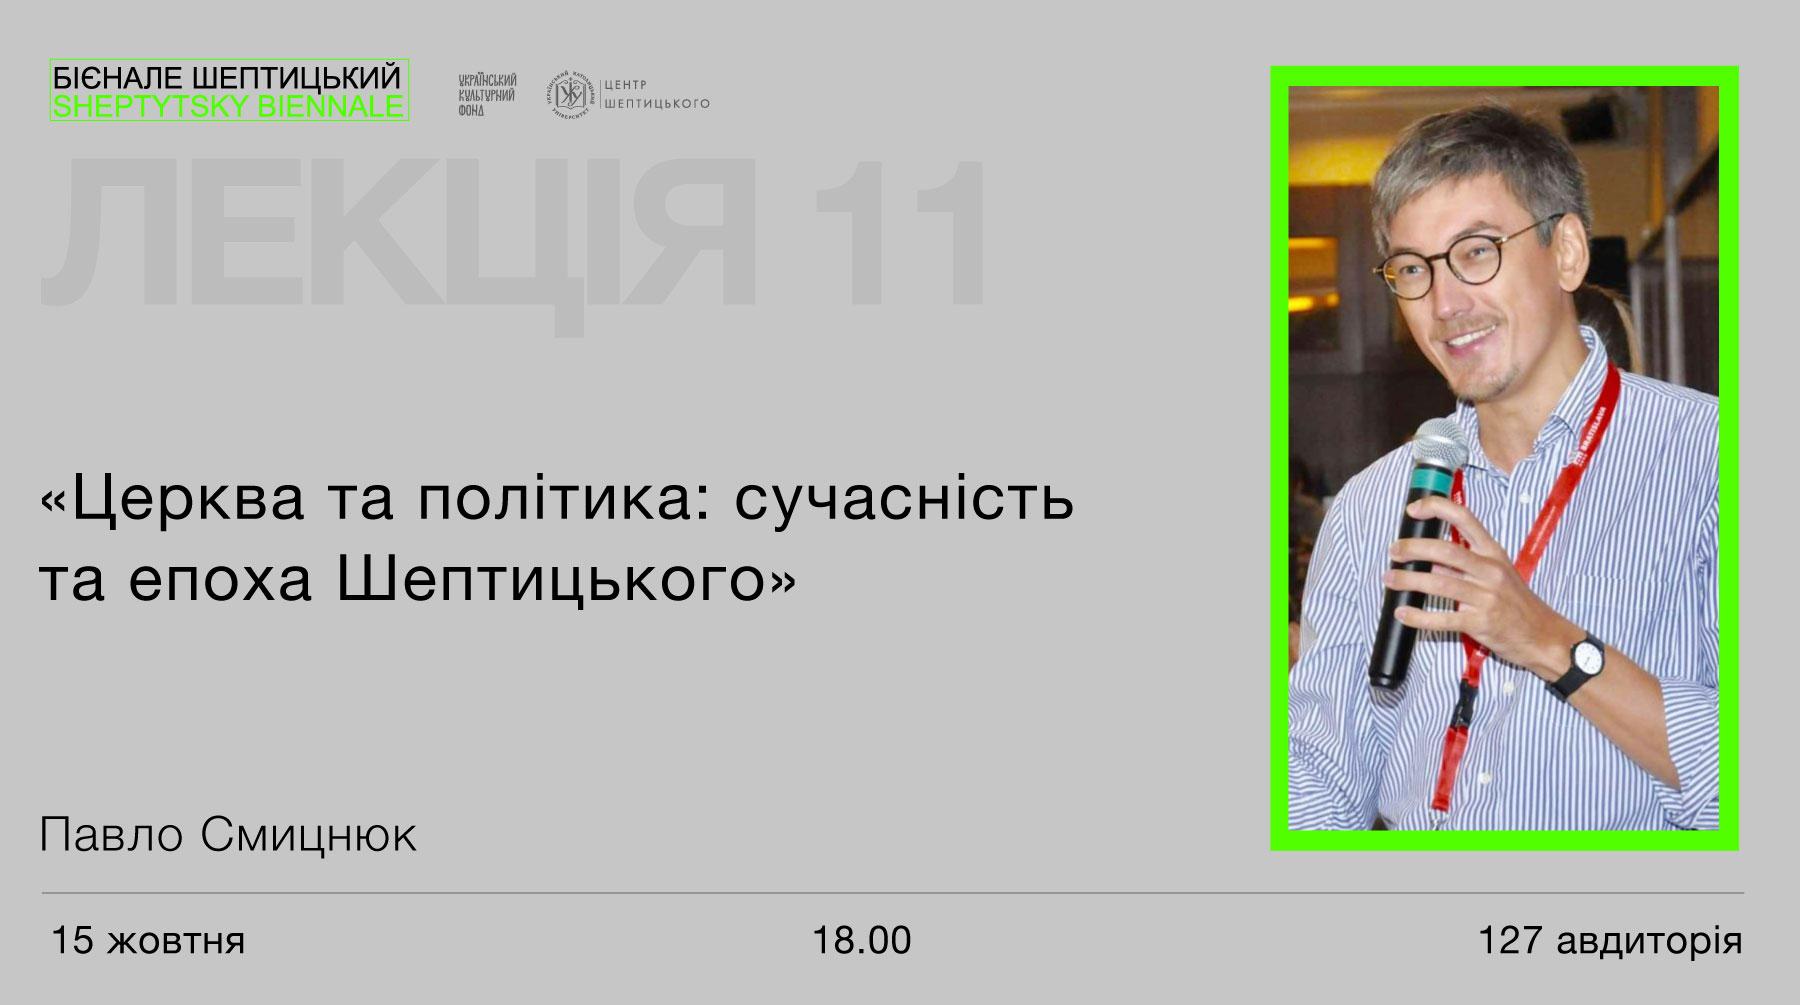 """Лекція Павла Смицнюка в рамках """"Бієнале Шептицький"""""""